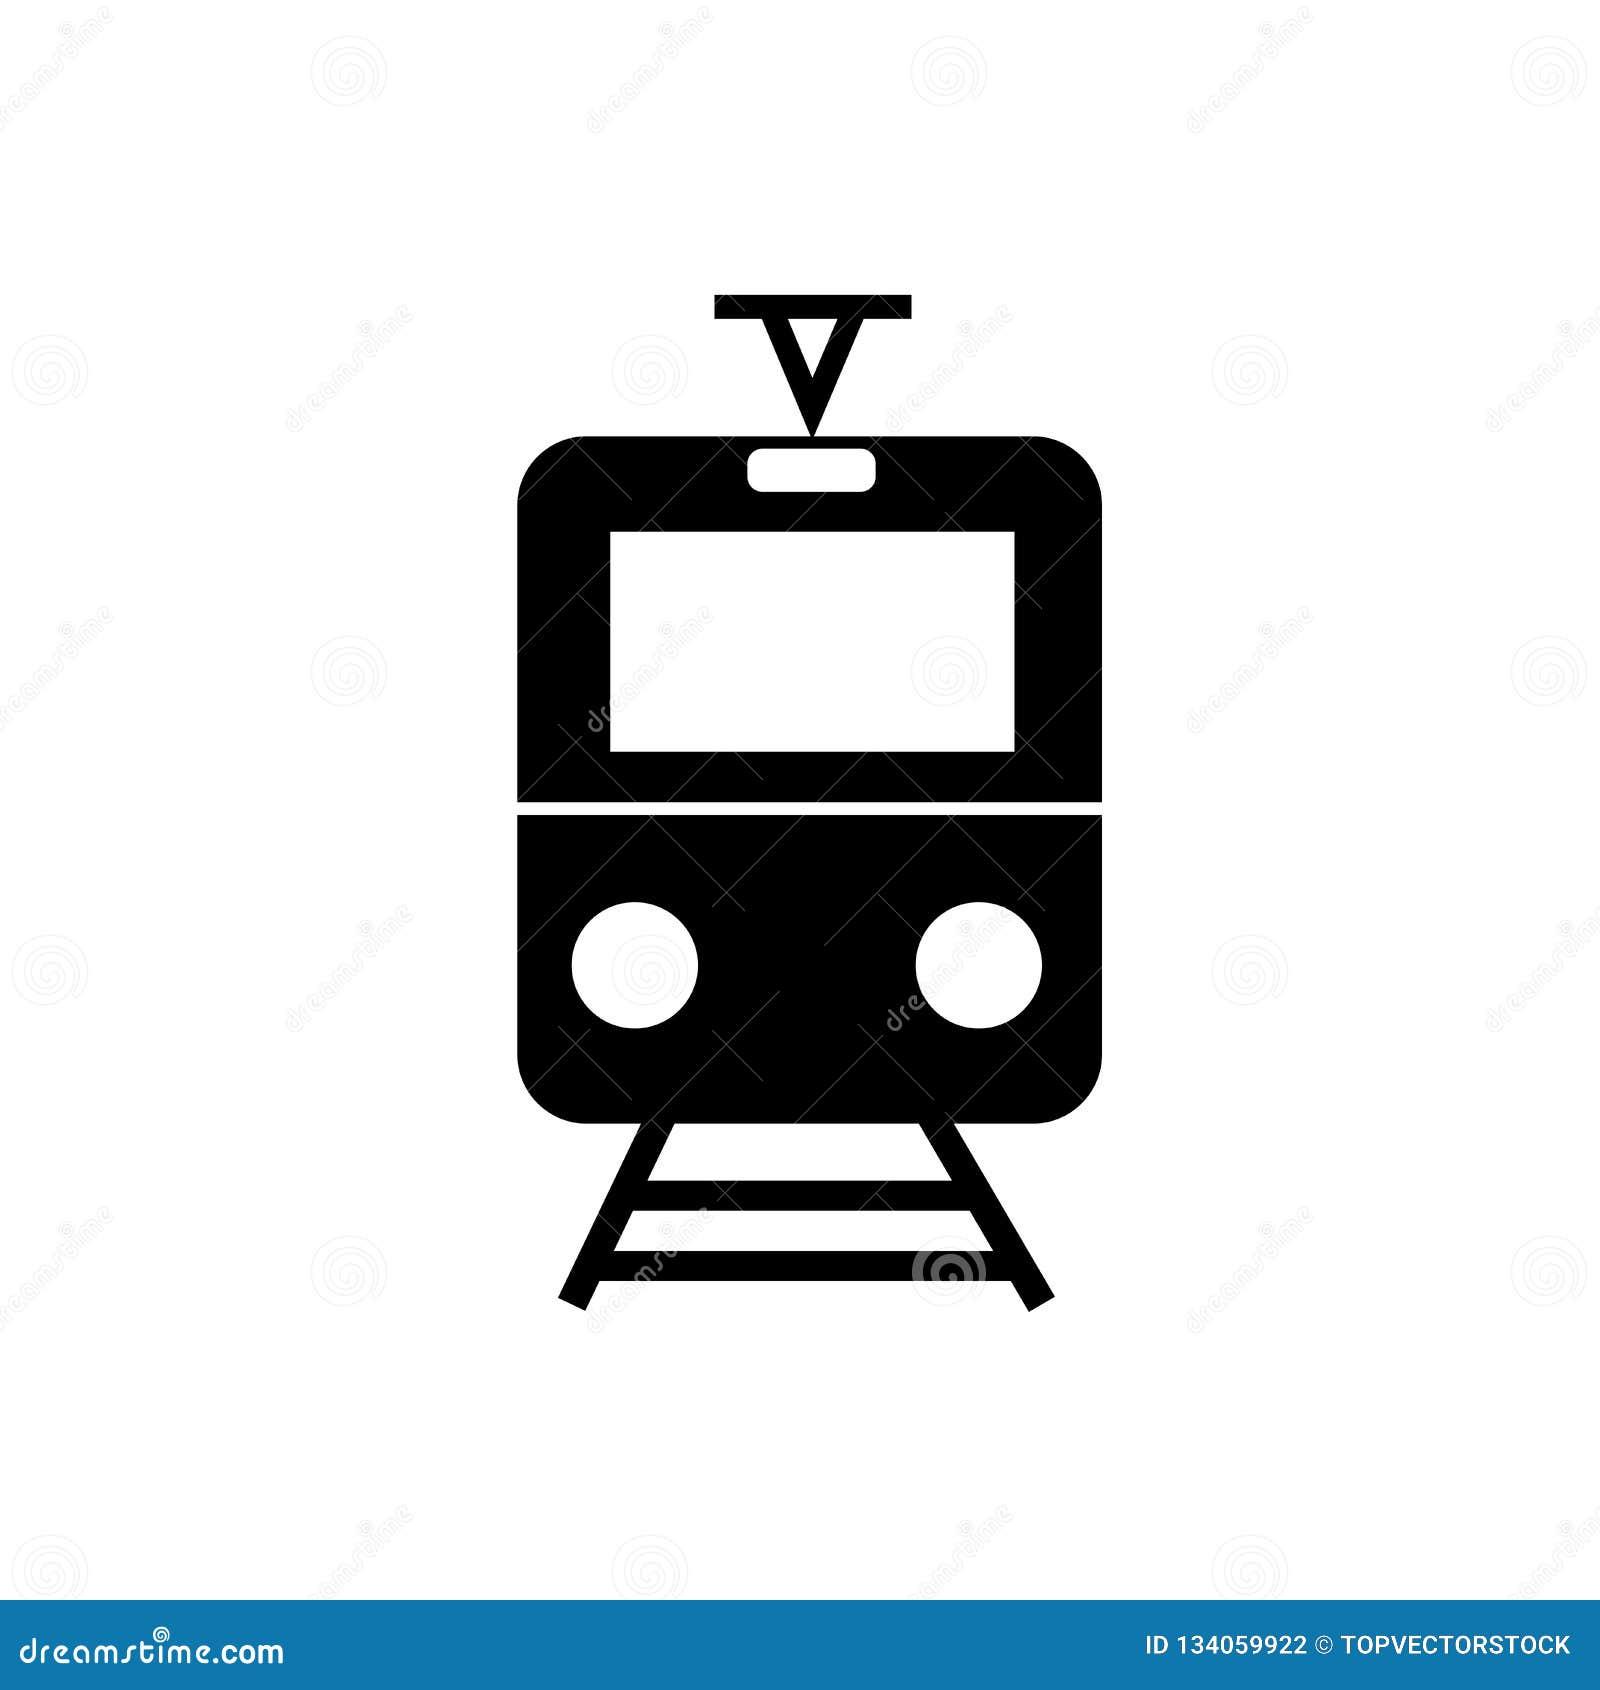 Vetor do ícone da parada do bonde isolado no fundo branco, sinal da parada do bonde